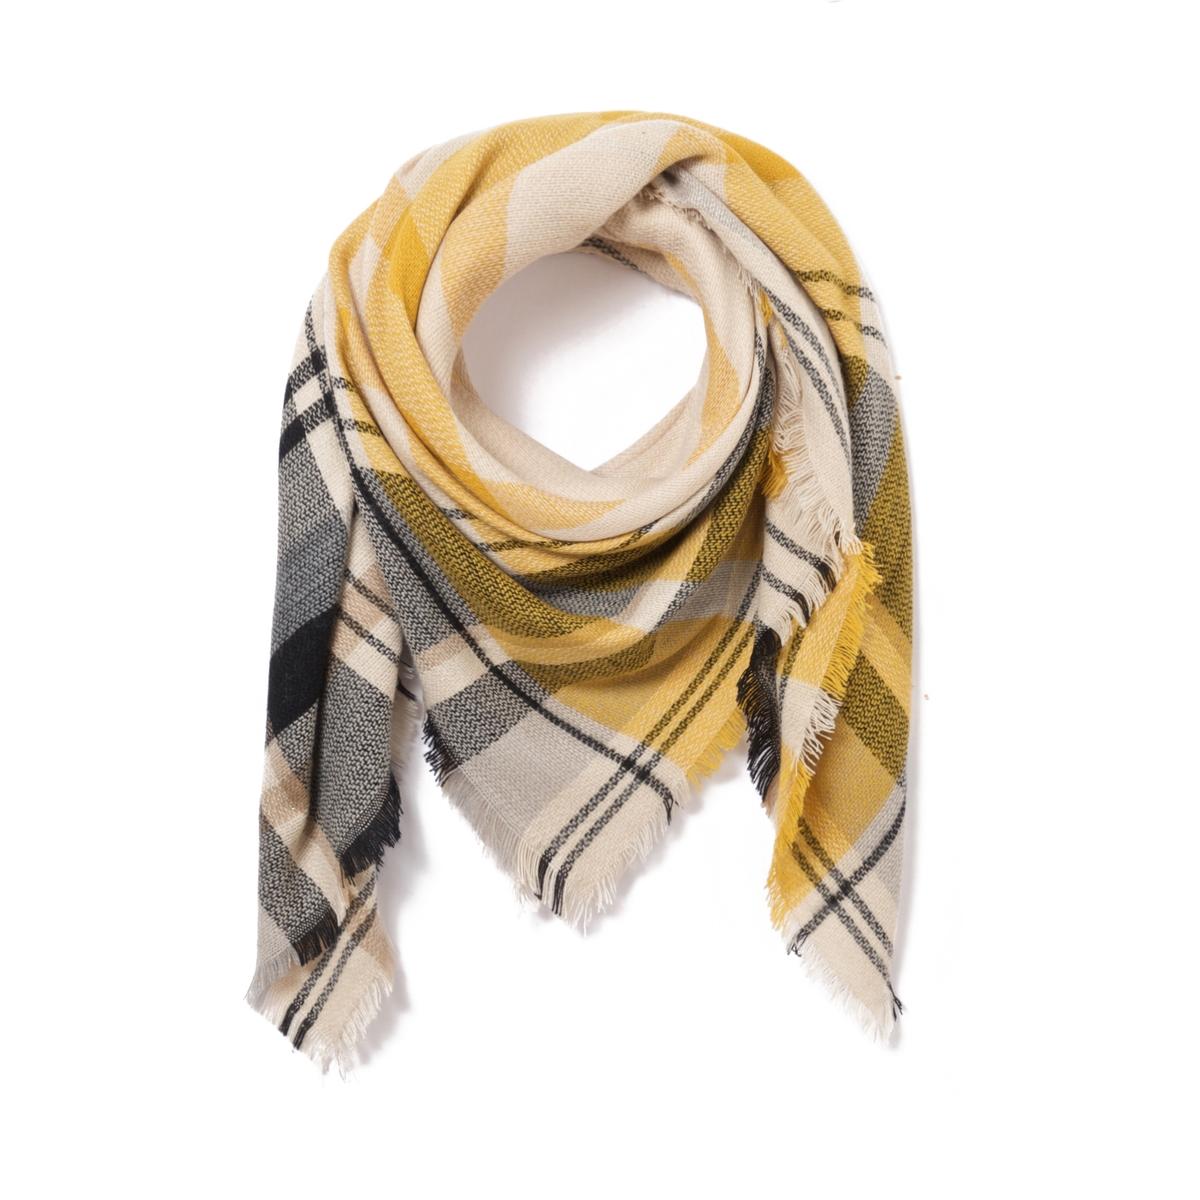 Шарф в шотландском стилеШарф в клетку в шотландском стиле, который подходит для осенней погоды. Состав и описание : Материал : 100% акрилРазмеры : 180 x 180 смУход : Следуйте рекомендациям, указанным на этикетке изделия.<br><br>Цвет: желтый/темно-синий/белый,красный темный<br>Размер: единый размер.единый размер